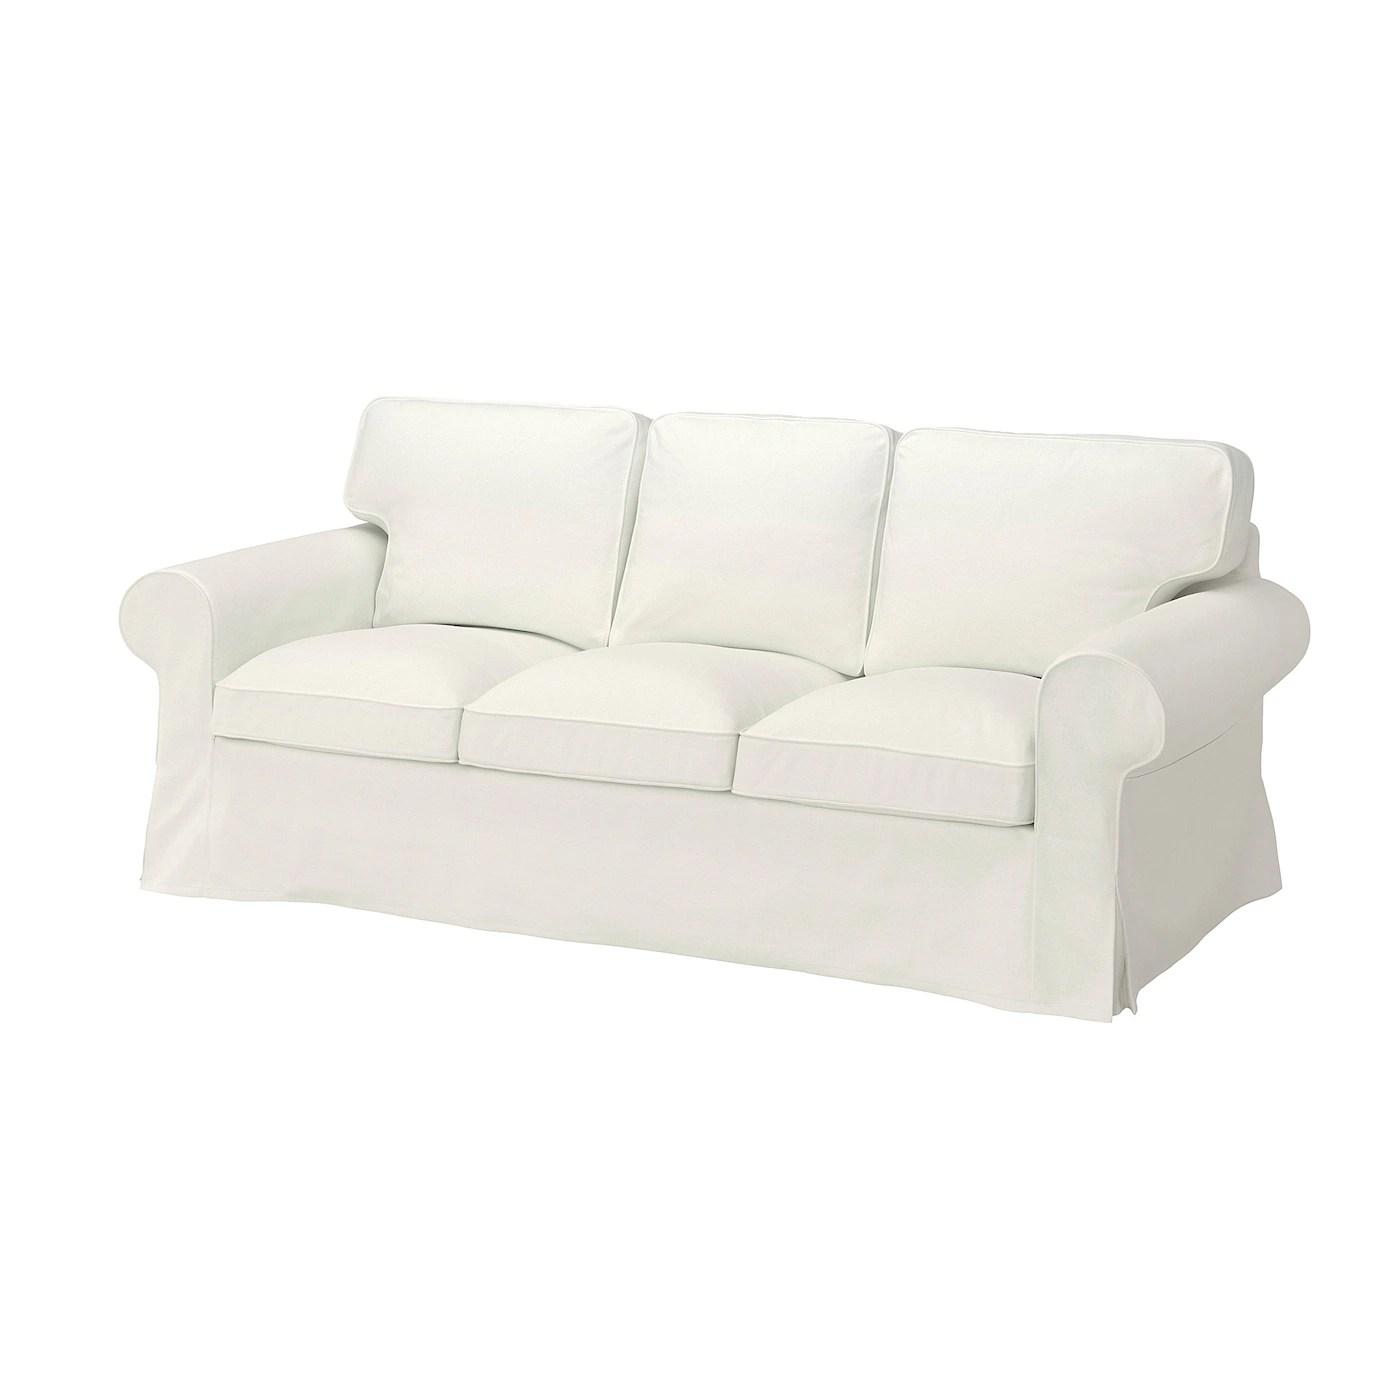 ektorp canape 3 places blekinge blanc